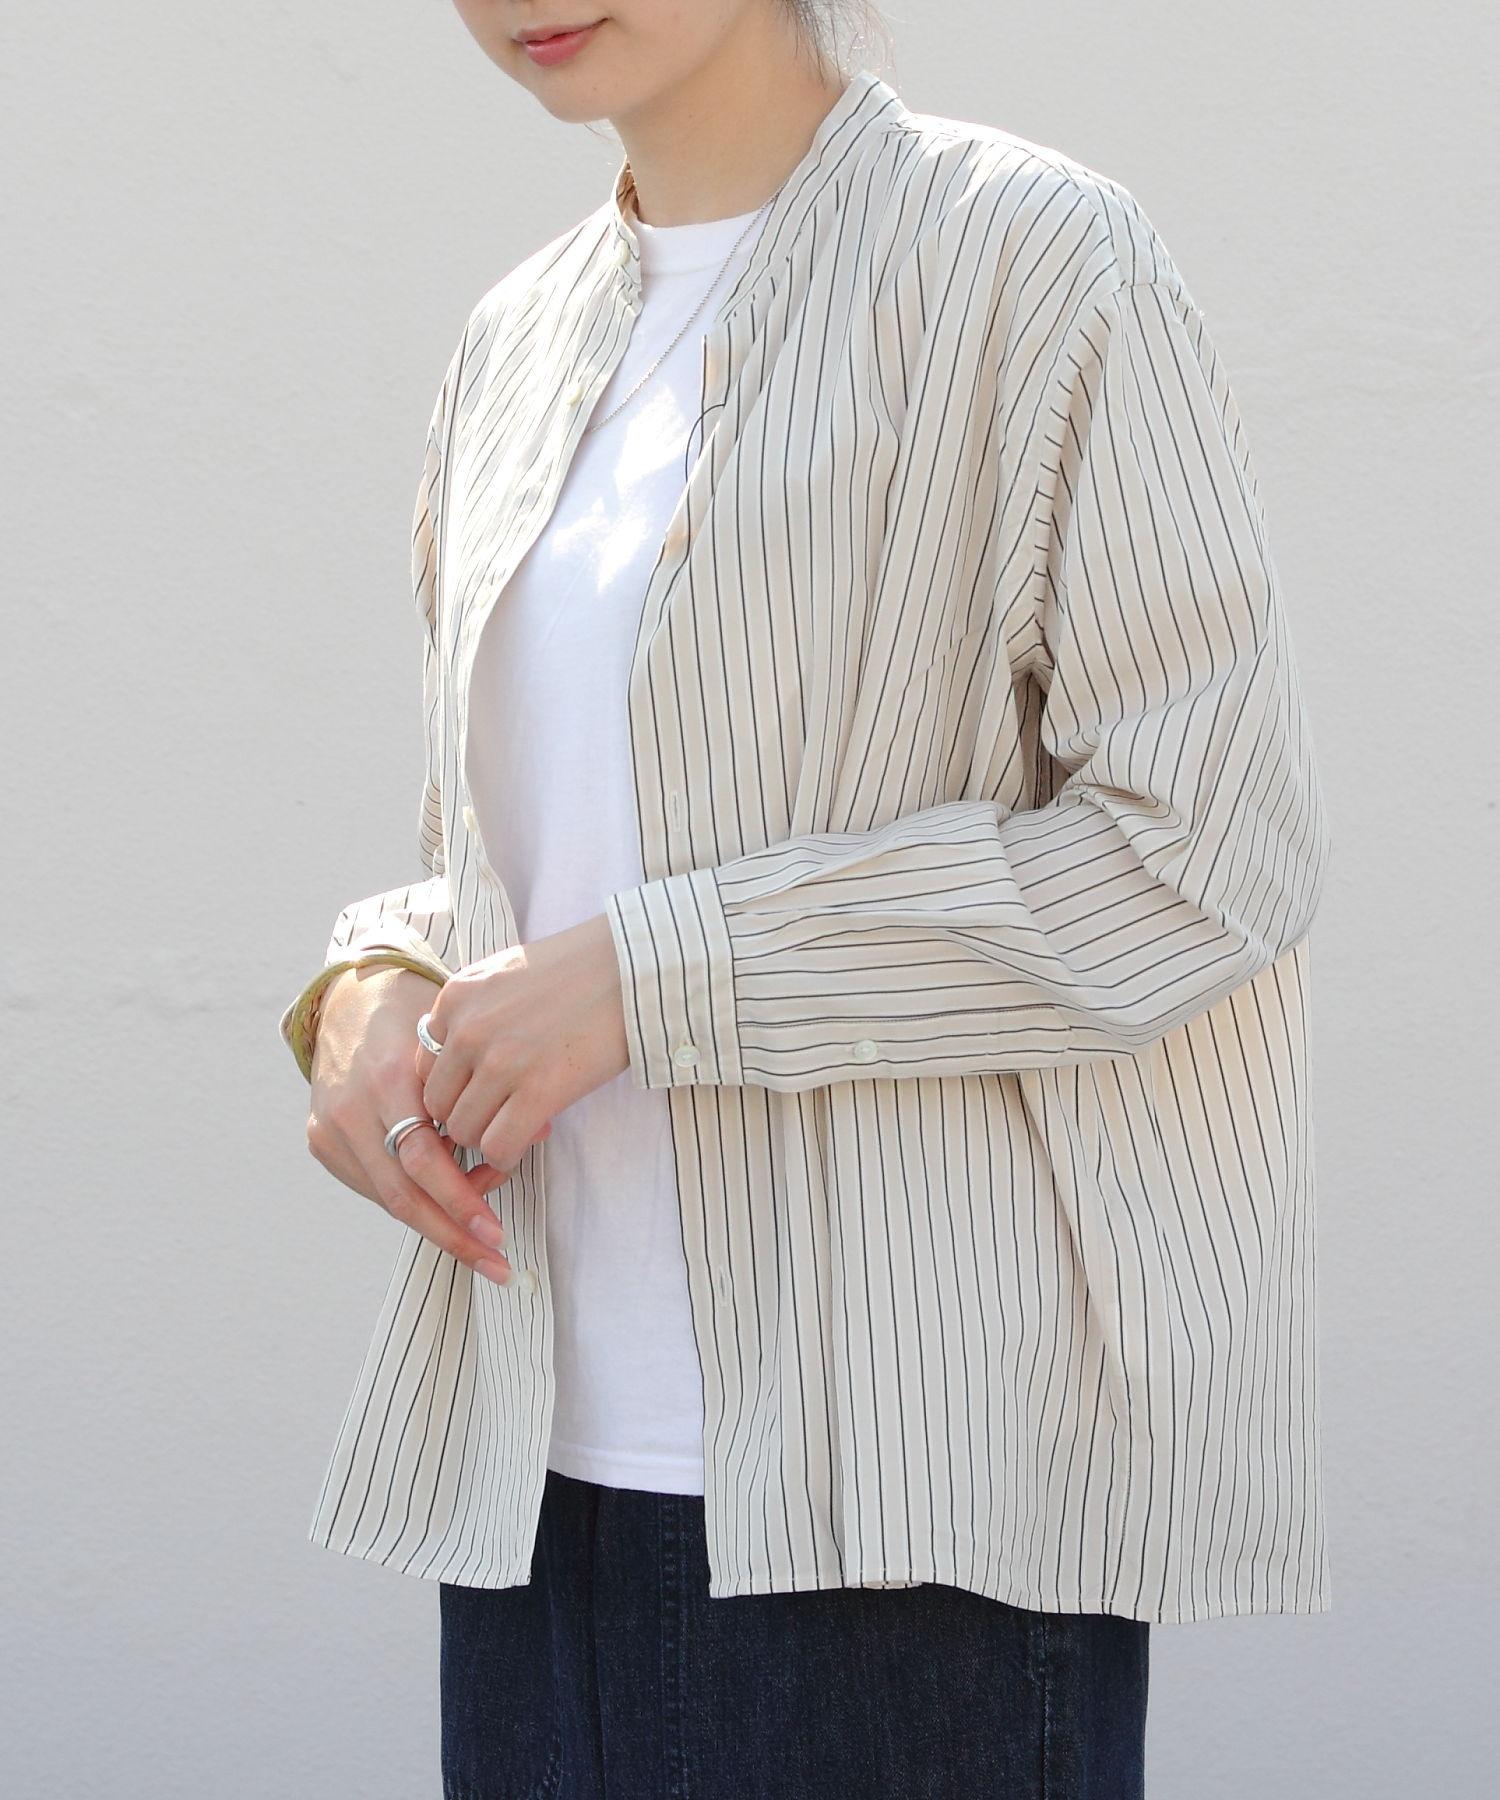 GYMPHLEX/ジムフレックス バンドカラーシャツ BAND COLLAR SHIRT(ウィメンズ) #GY-B0005MUL